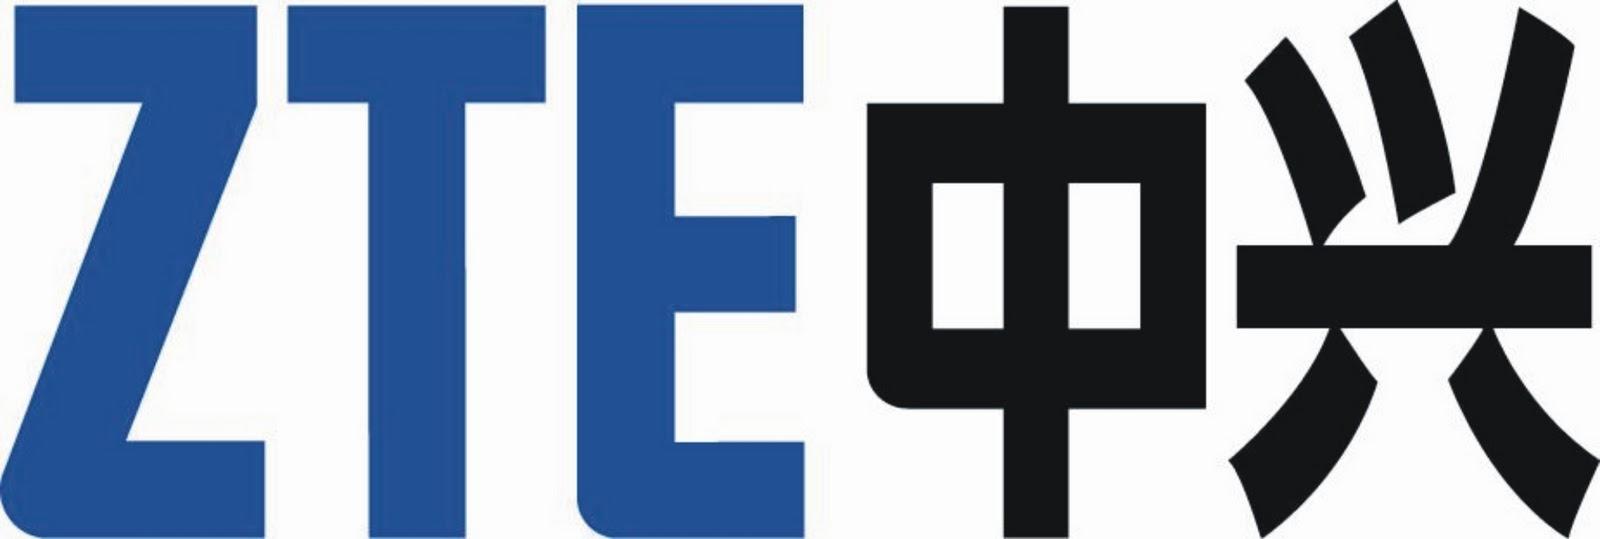 arena handphone logo zte